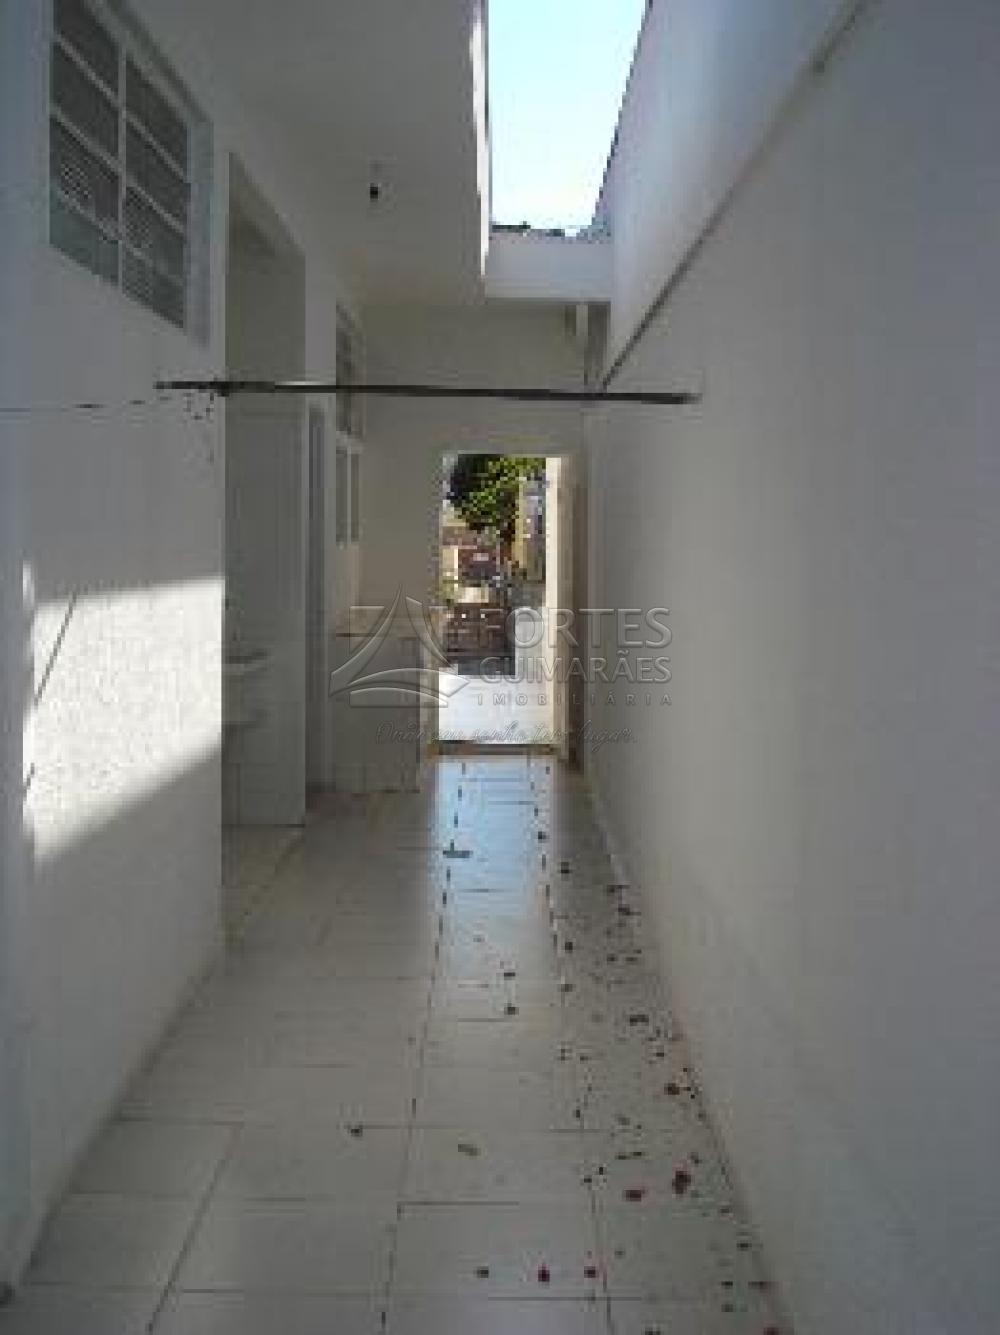 Alugar Casas / Padrão em Ribeirão Preto apenas R$ 2.800,00 - Foto 17